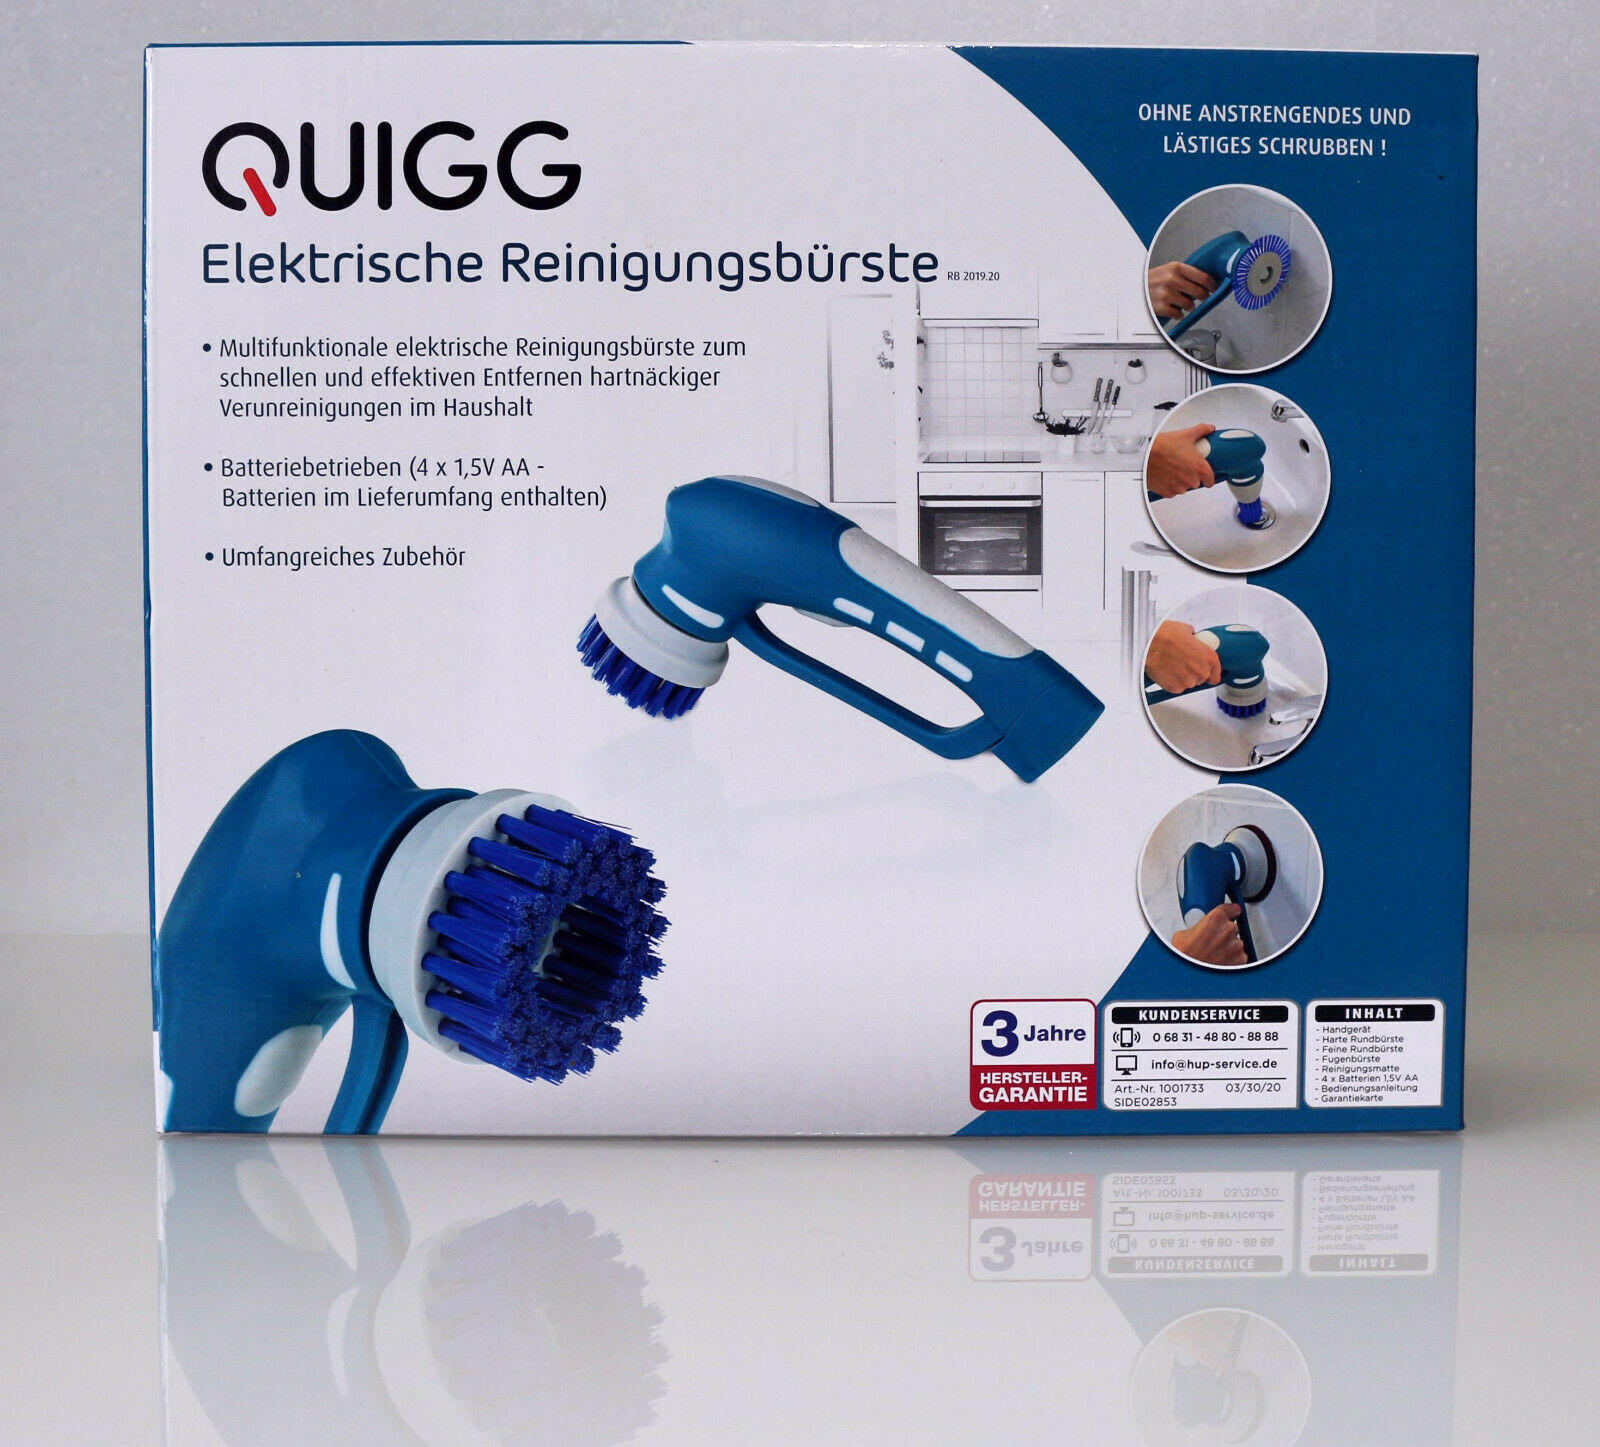 Quigg Elektrische Reinigungsbürste von Aldi: Test, Bewertung und Erfahrungen